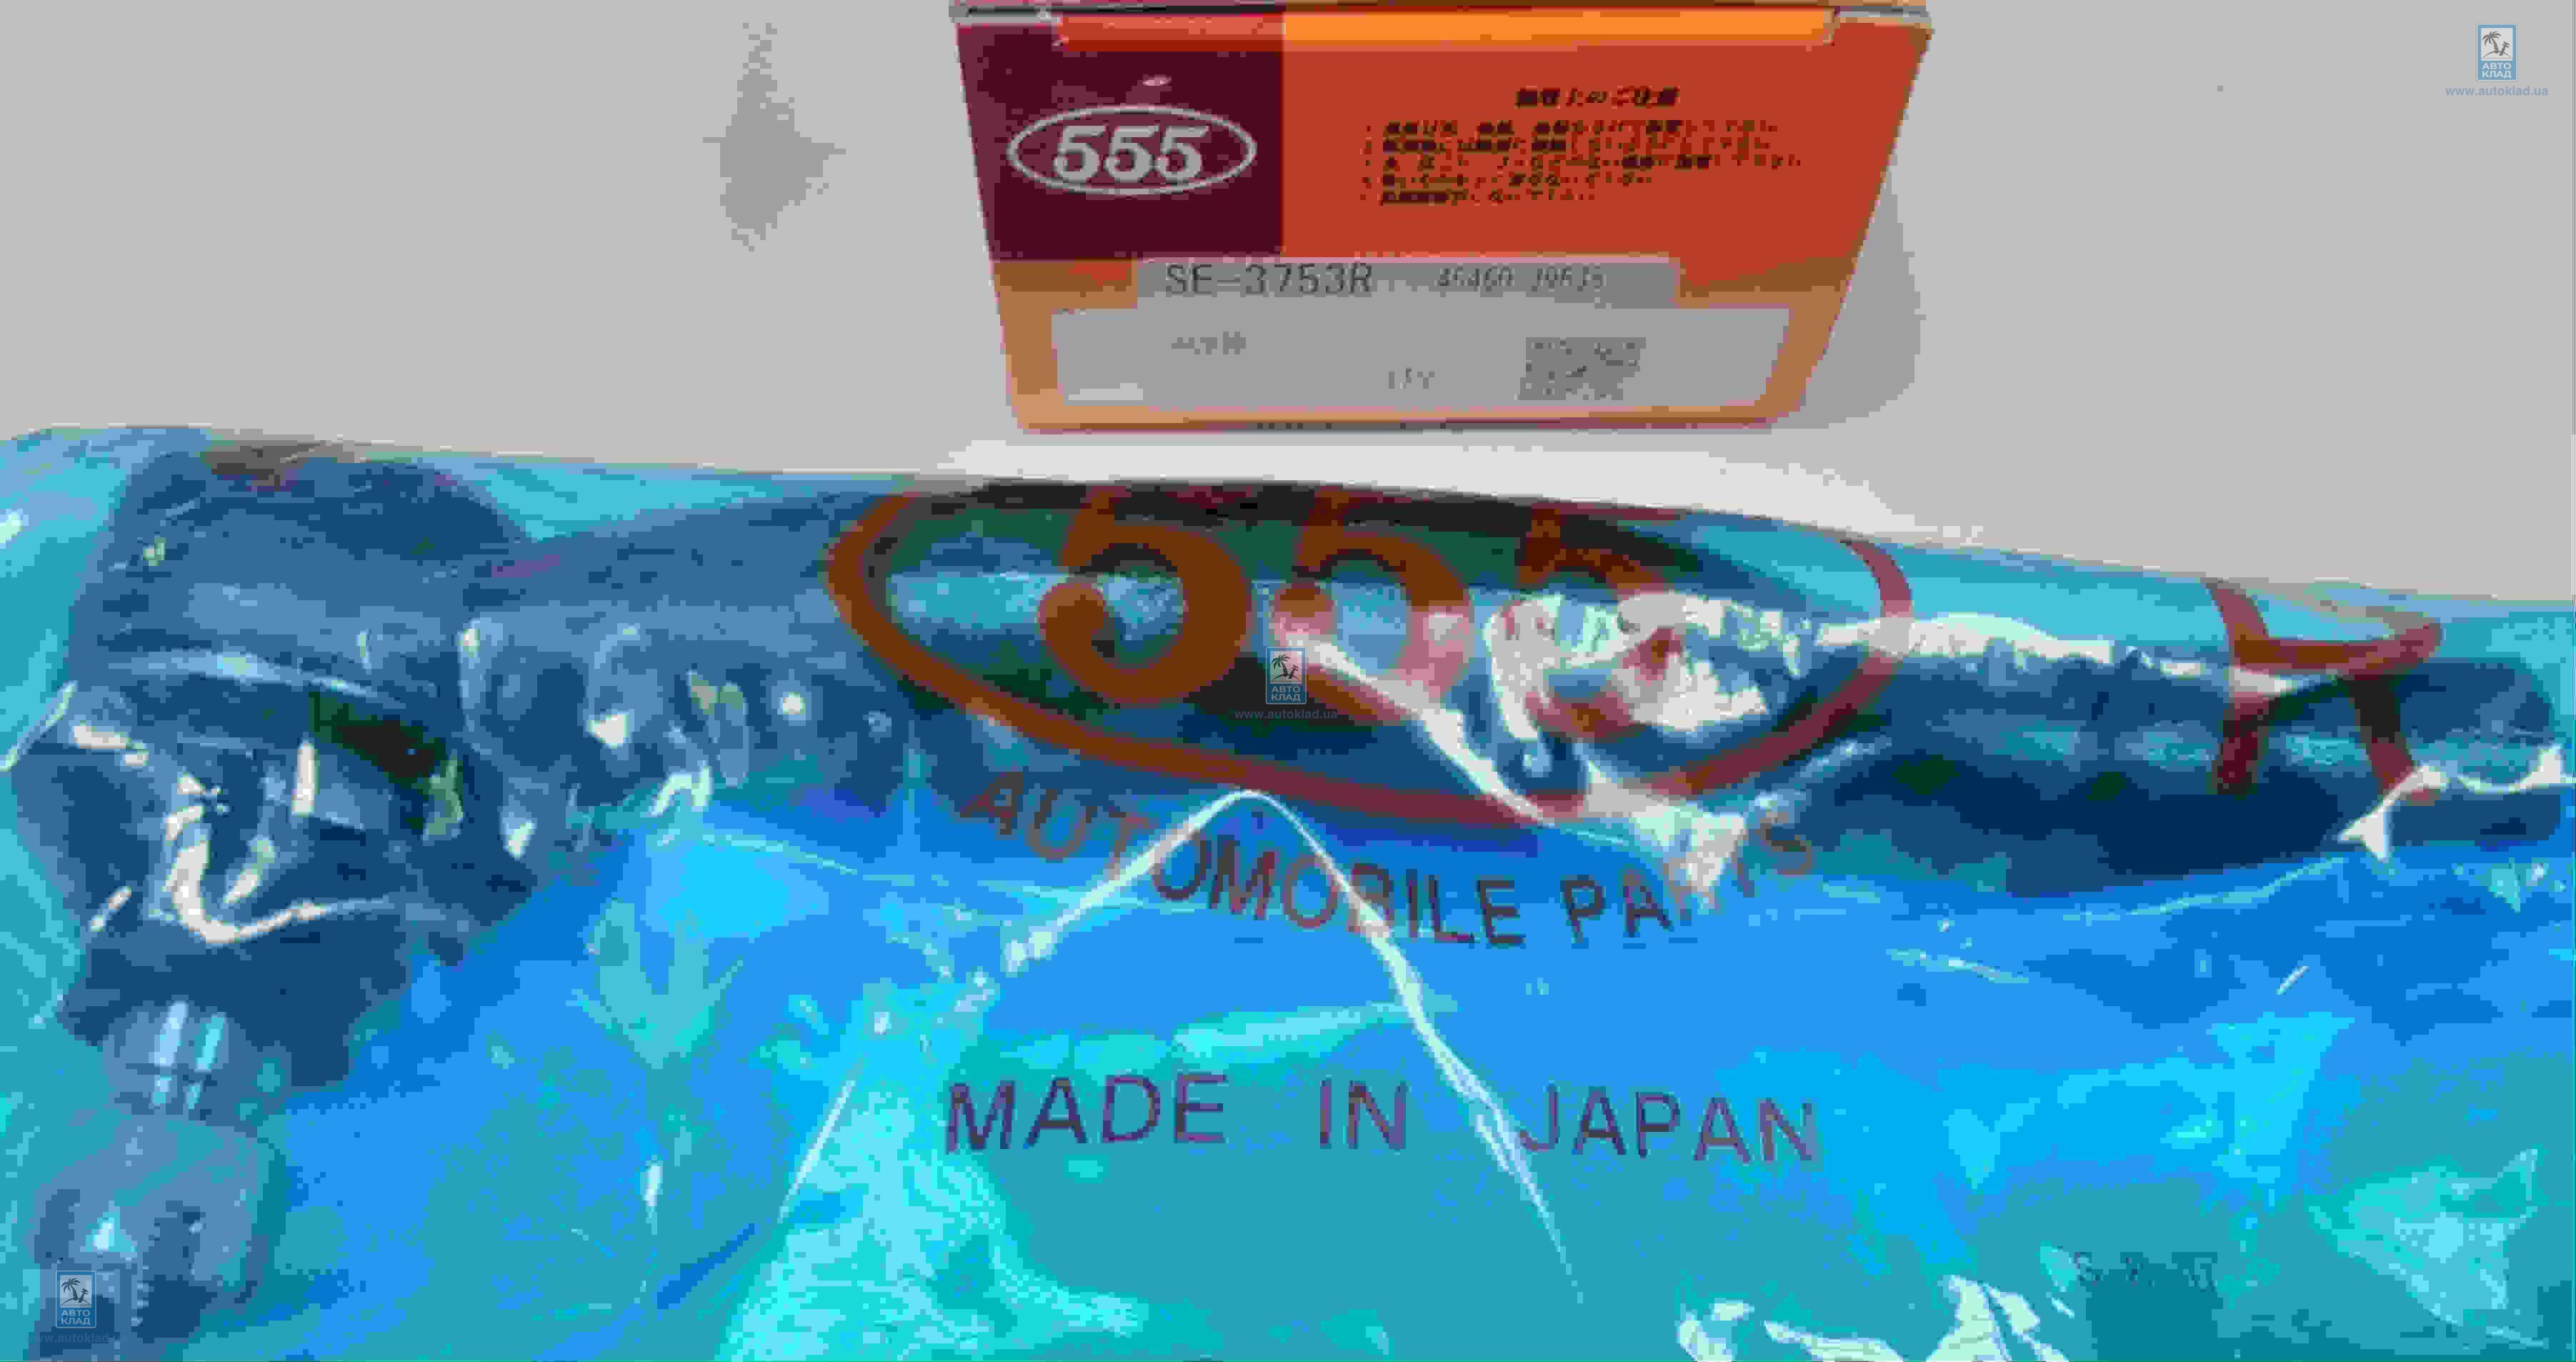 Наконечник рулевой тяги поперечной 555 SE-3753R